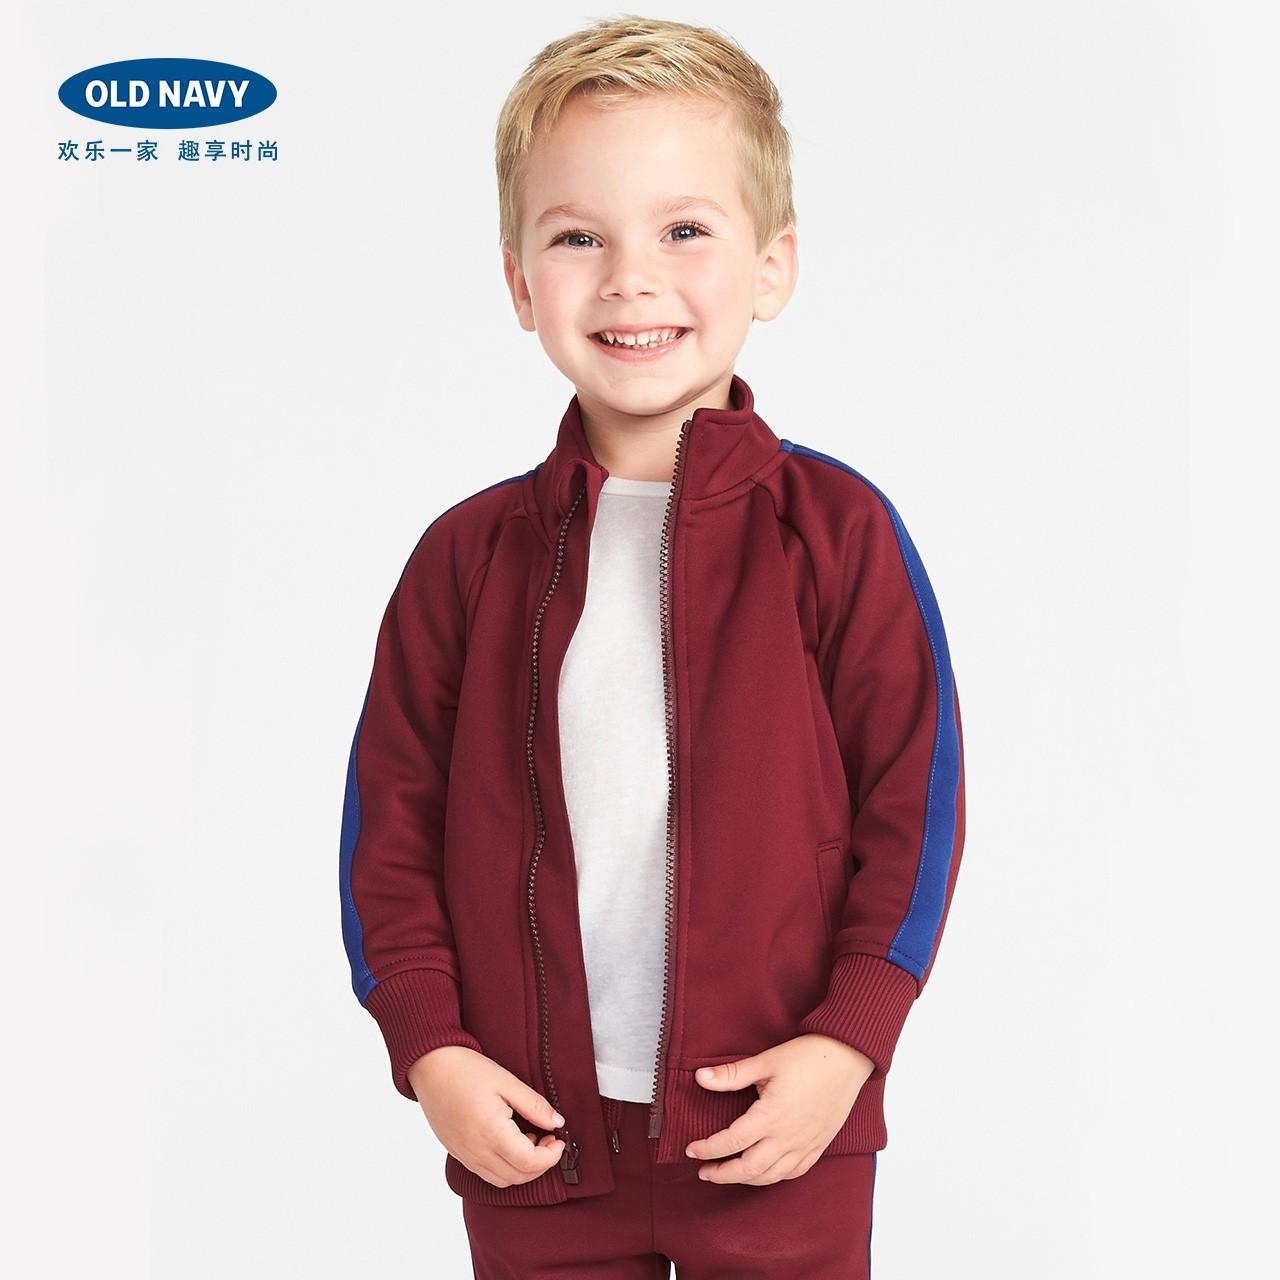 Old Navy男婴幼童 学院风撞色插肩袖夹克儿童外套291198秋装新款W